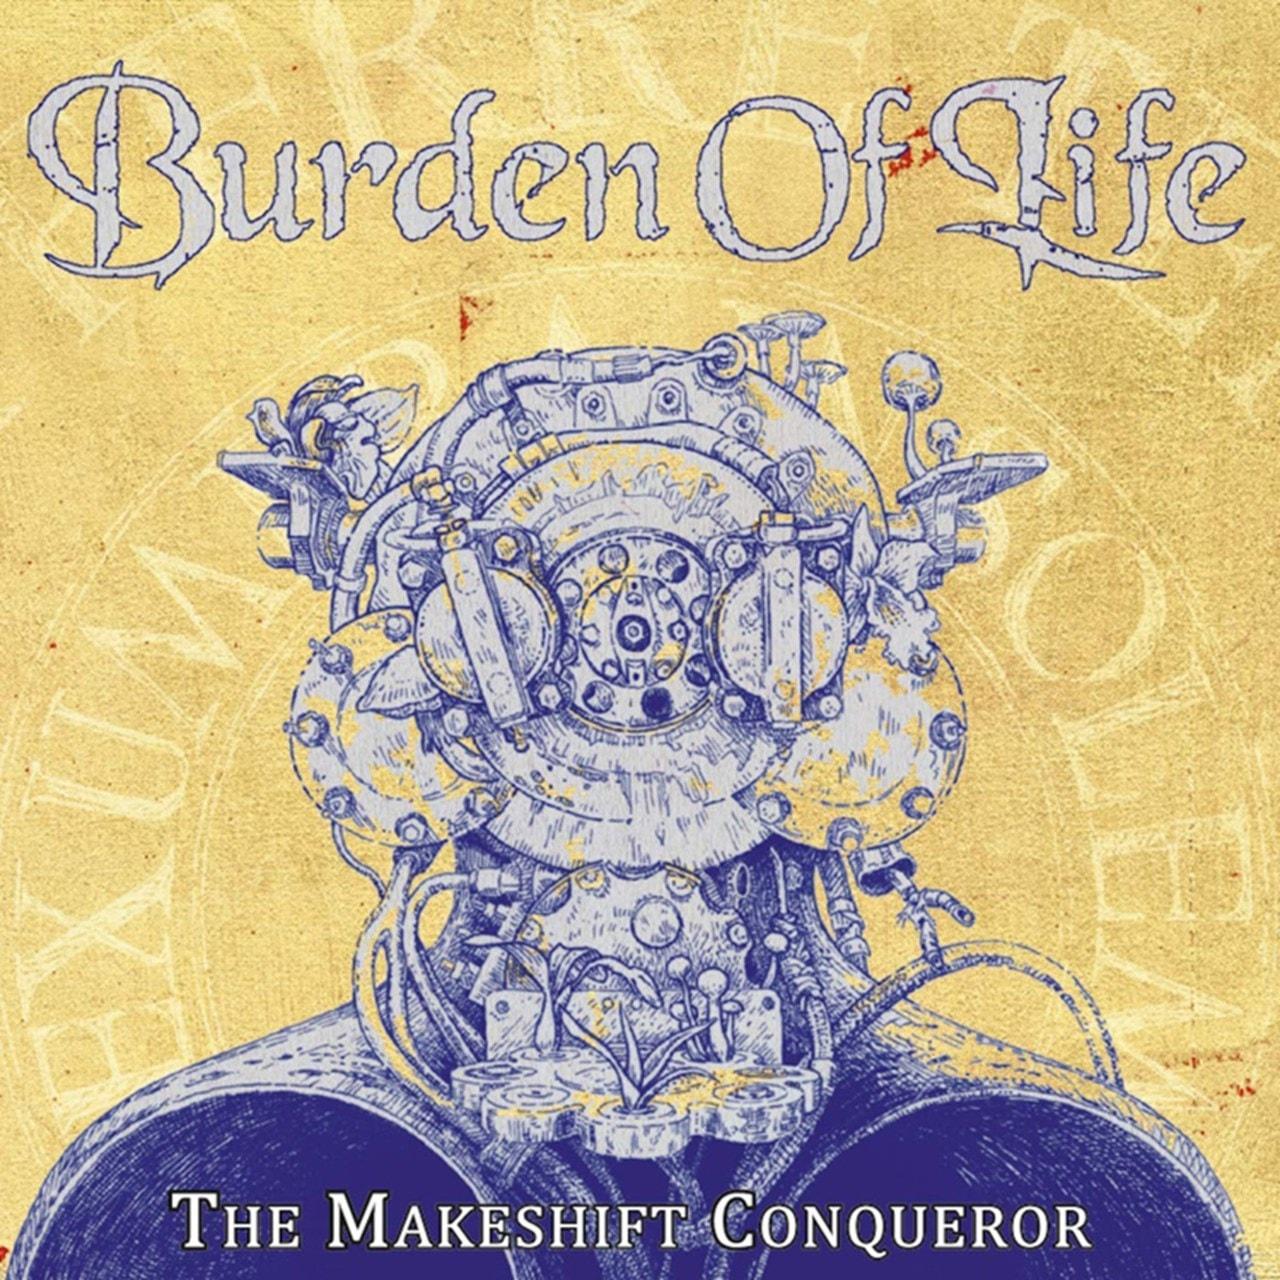 The Makeshift Conqueror - 1